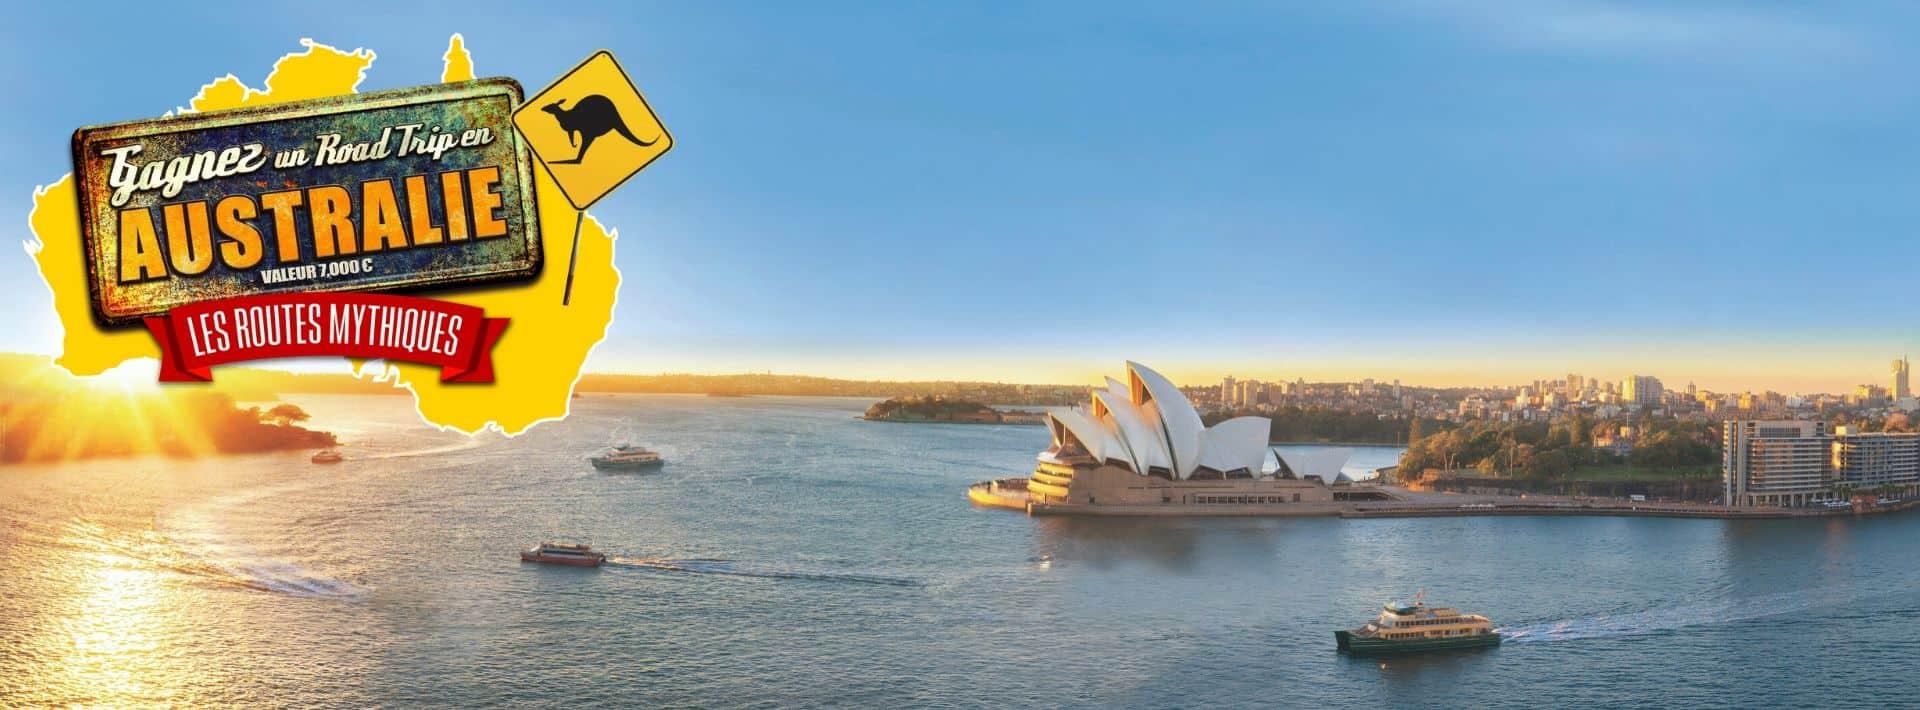 Jeu concours Road trip Australie